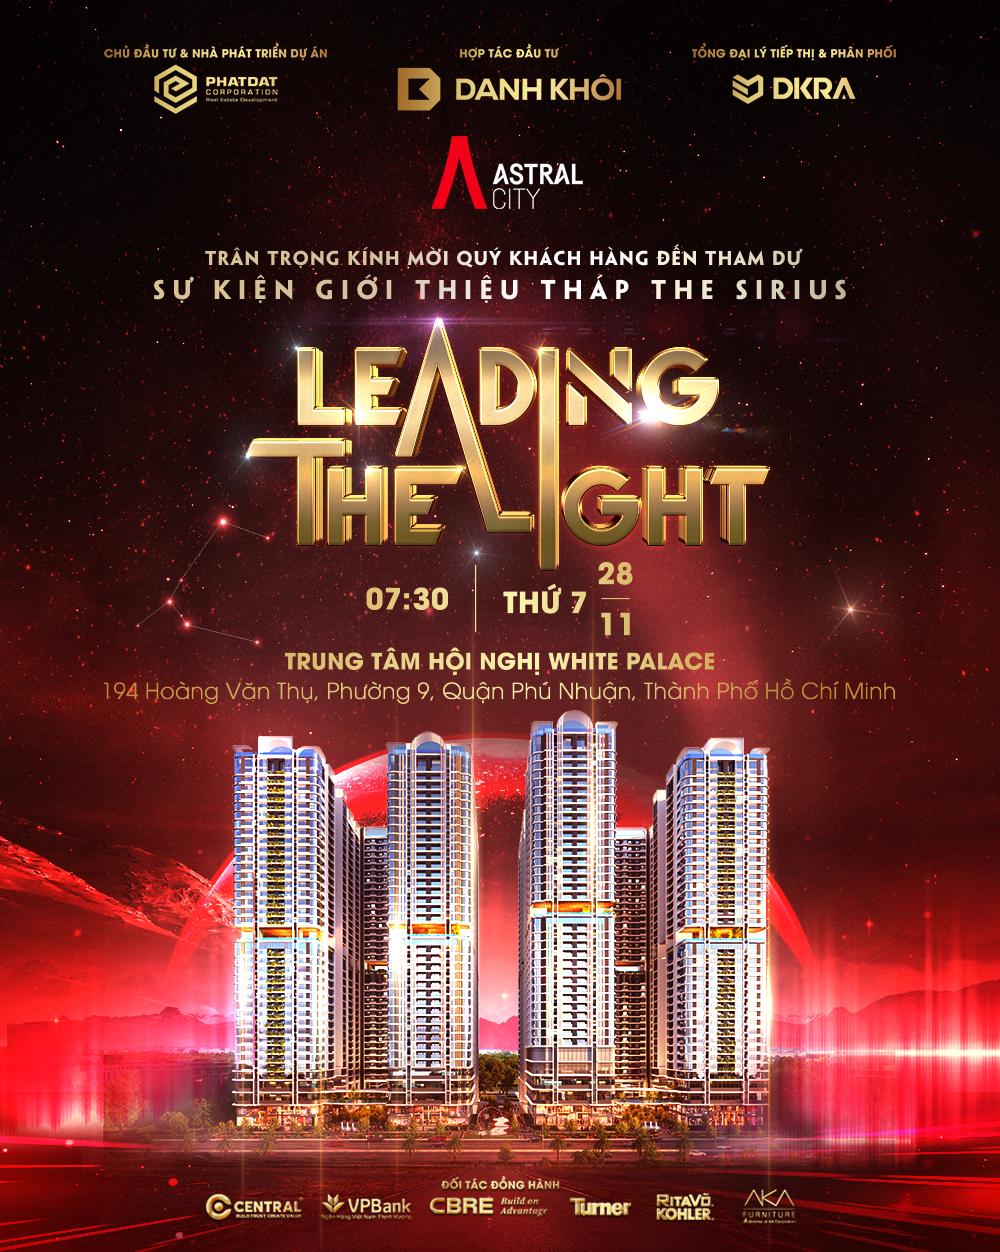 TOÀN CẢNH SỰ KIỆN RA MẮT ASTRAL CITY - THE SIRIUS: LEADING THE LIGHT